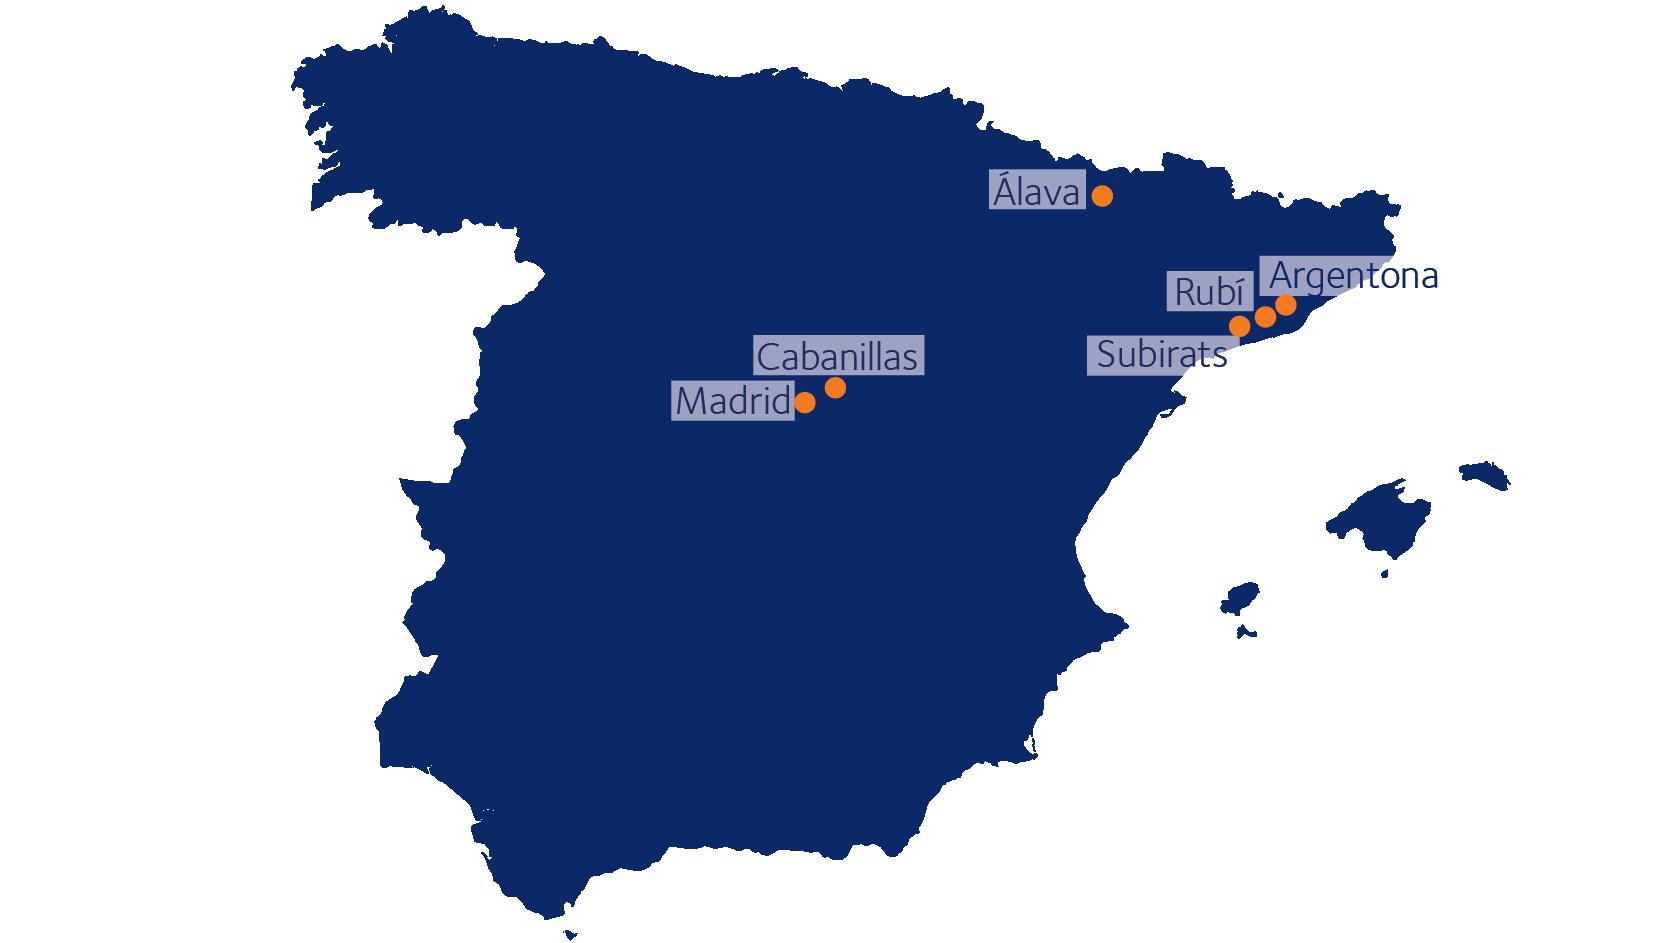 Mapa Solutions Web DSV Cabanillas, Alava, Subirats, Argentona, Madrid y Rubí